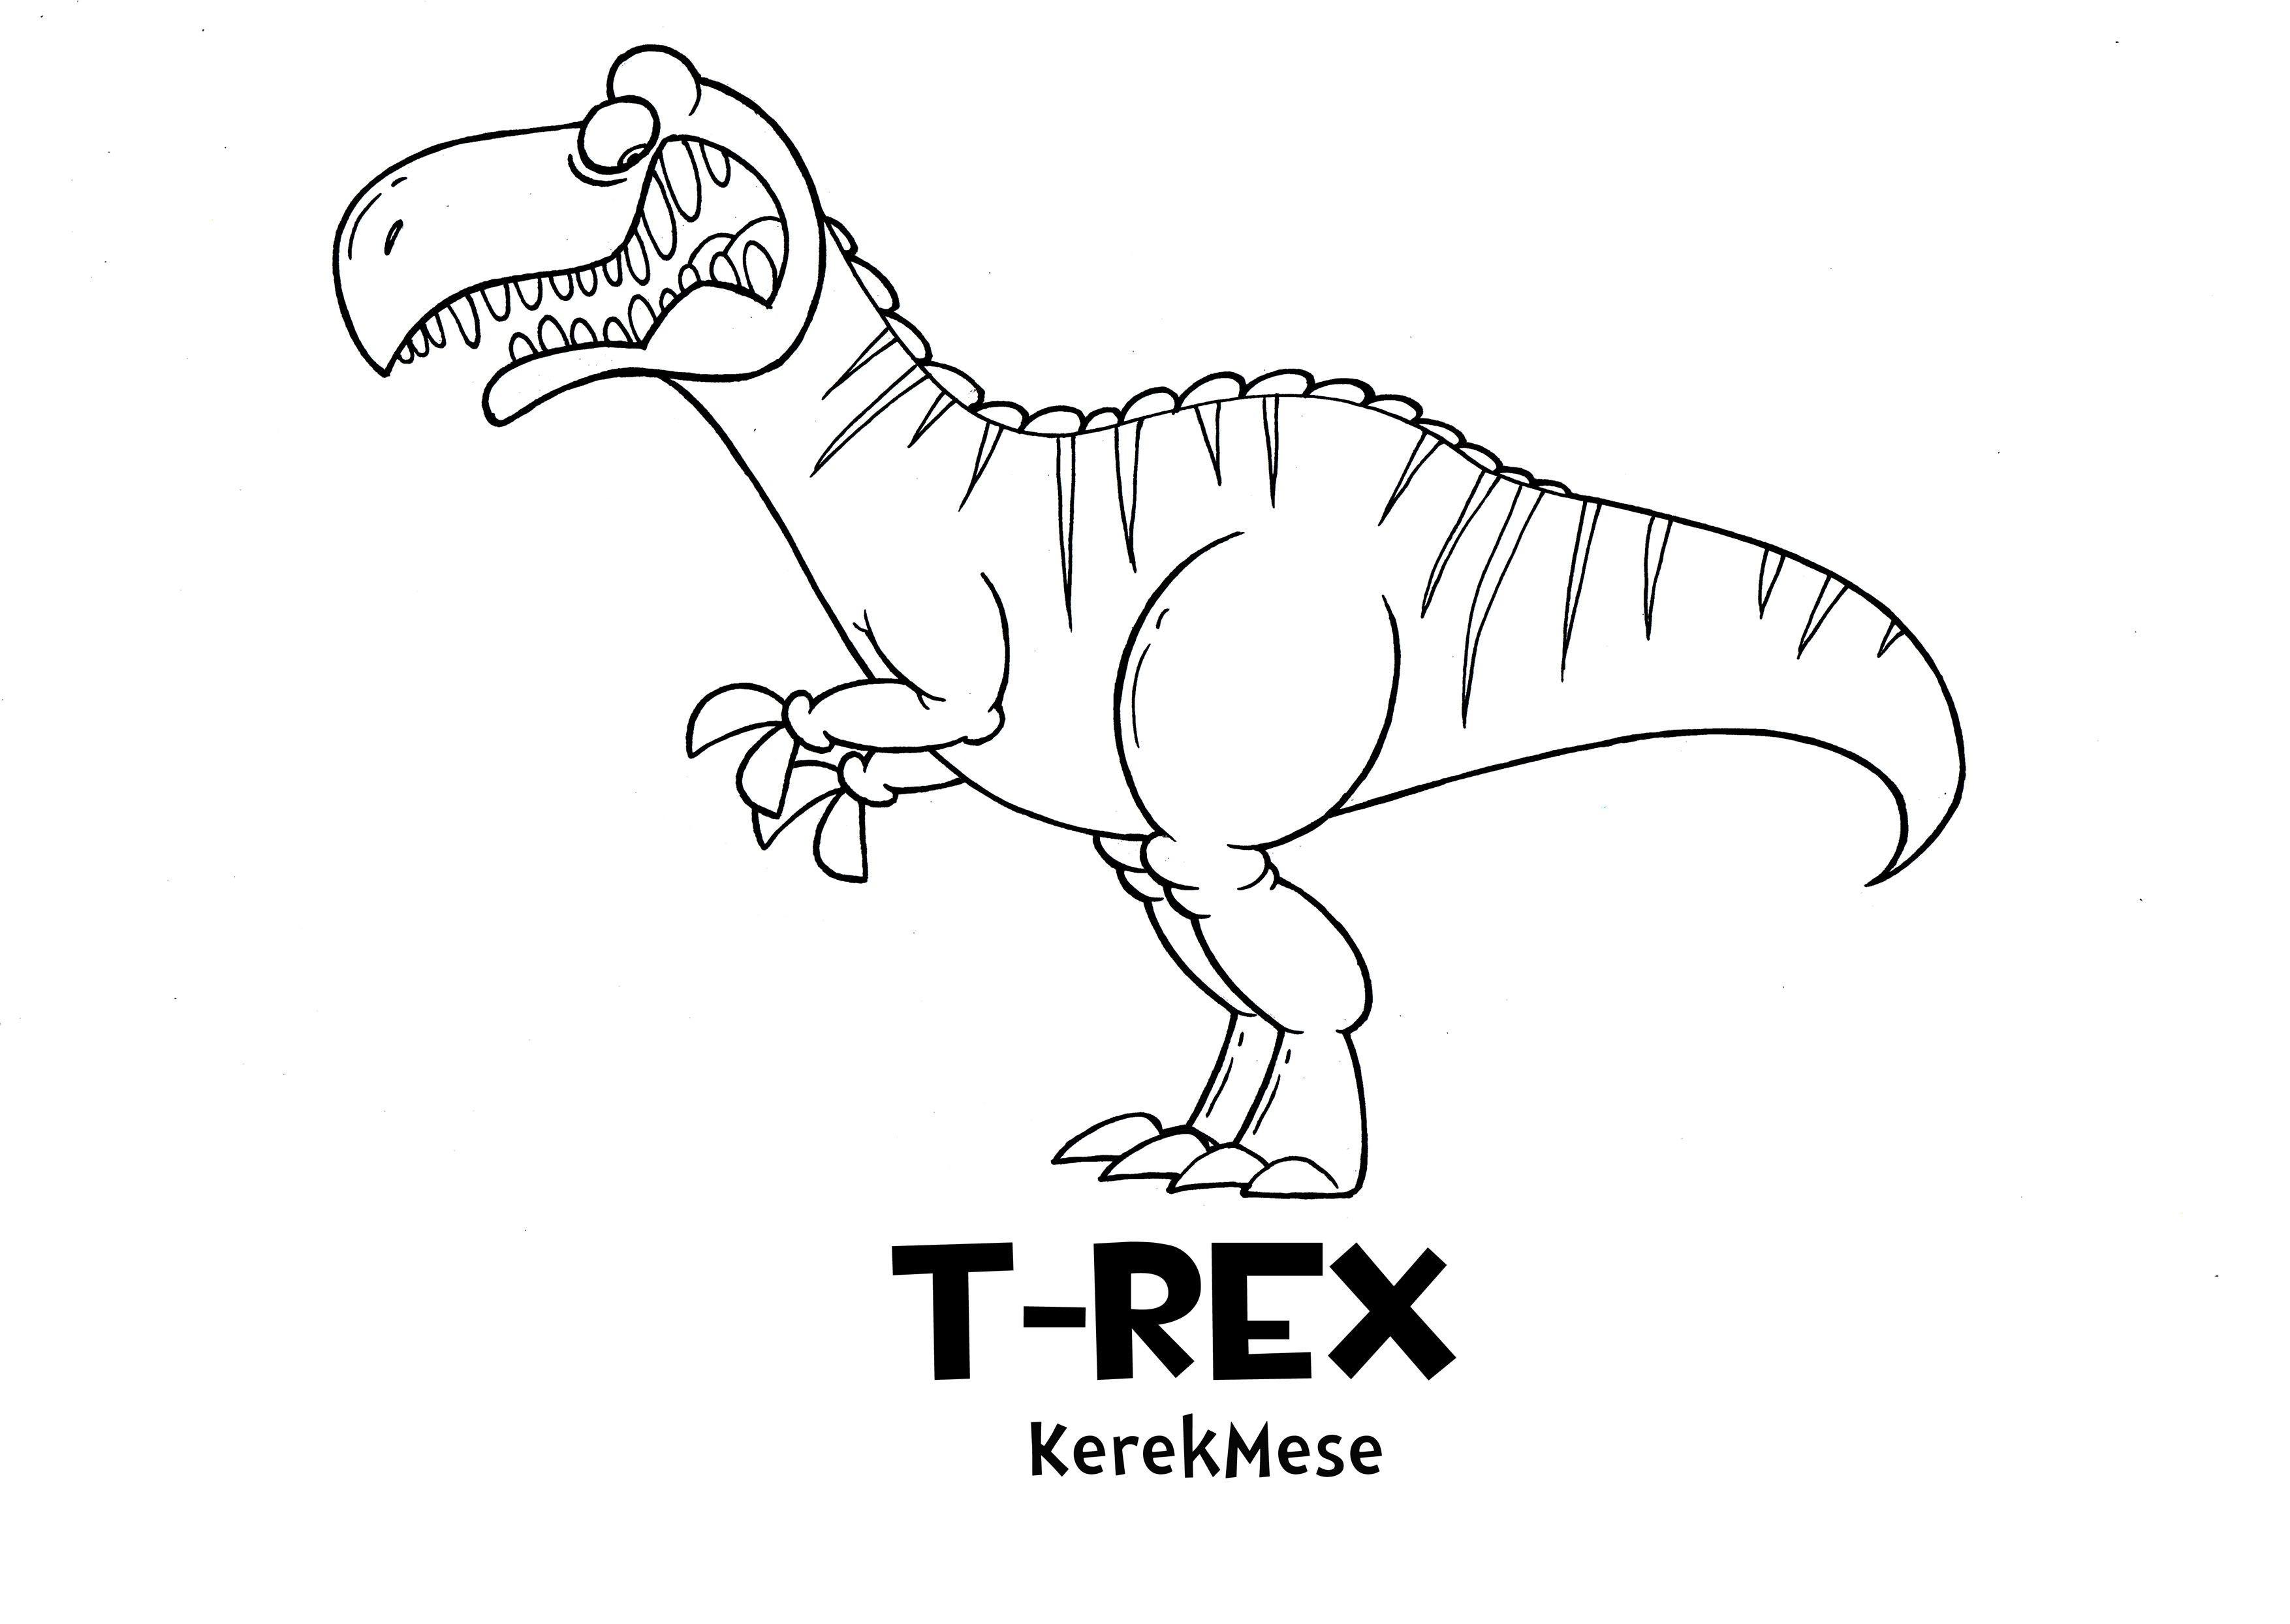 Dinosaurier Ausmalbilder Tyrannosaurus Rex Das Beste Von 38 Ausmalbilder Winter Gratis Scoredatscore Luxus T Rex Ausmalbilder Stock